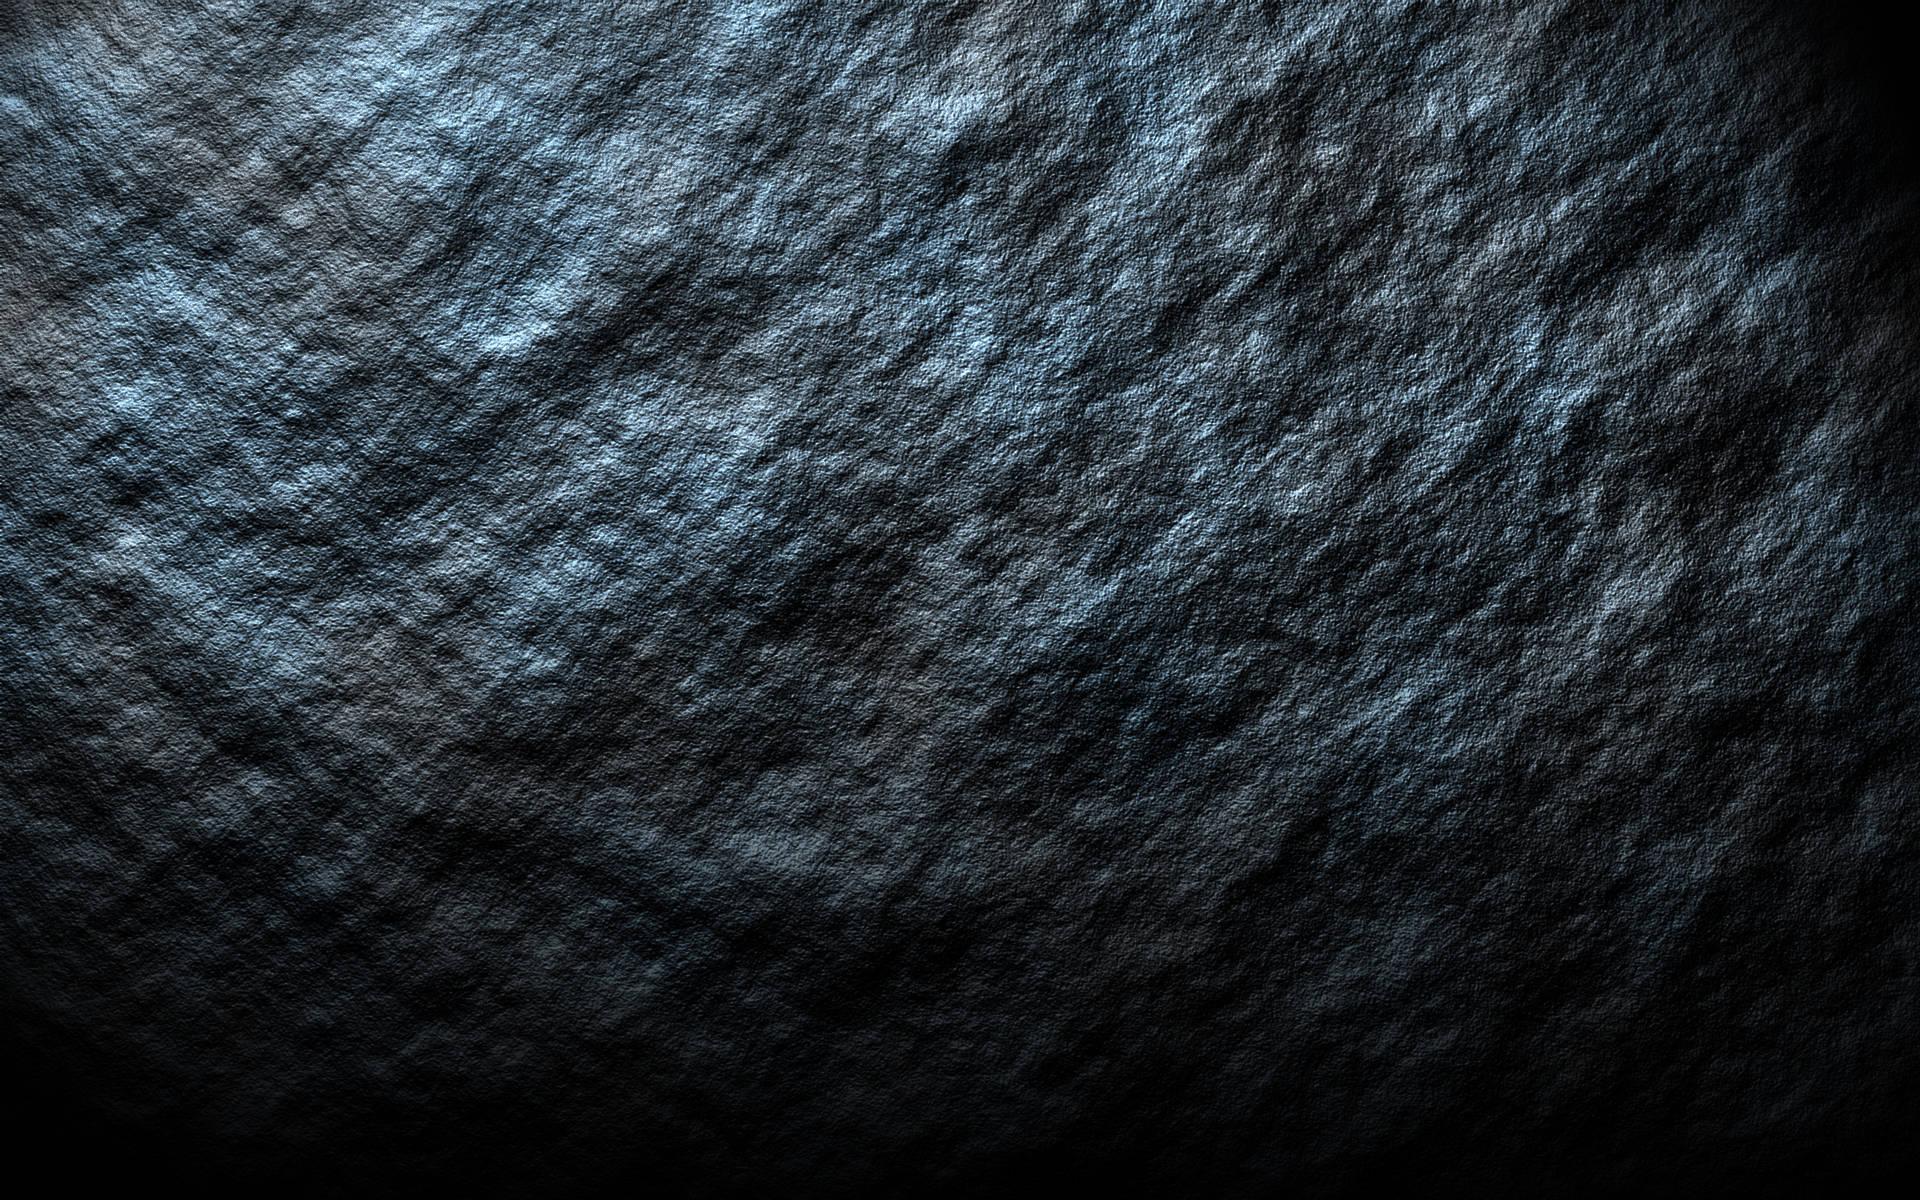 rock wallpapers